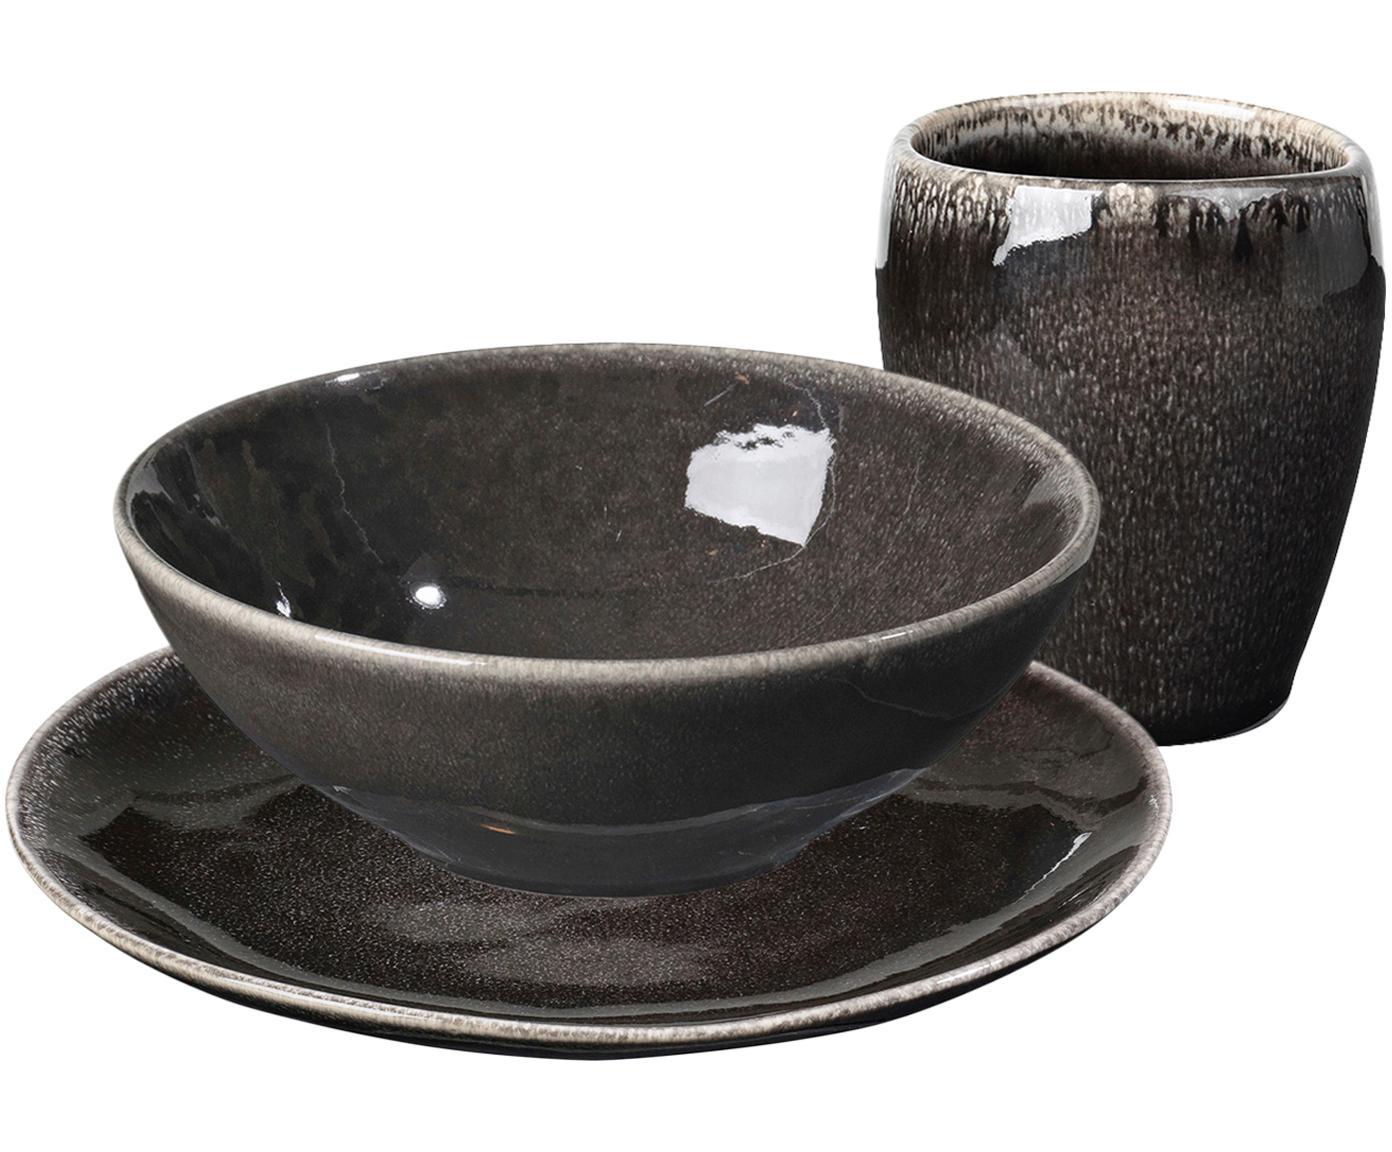 Handgemachtes Frühstücks-Set Nordic Coal, 4 Personen (12-tlg.), Steingut, Bräunlich, Verschiedene Grössen